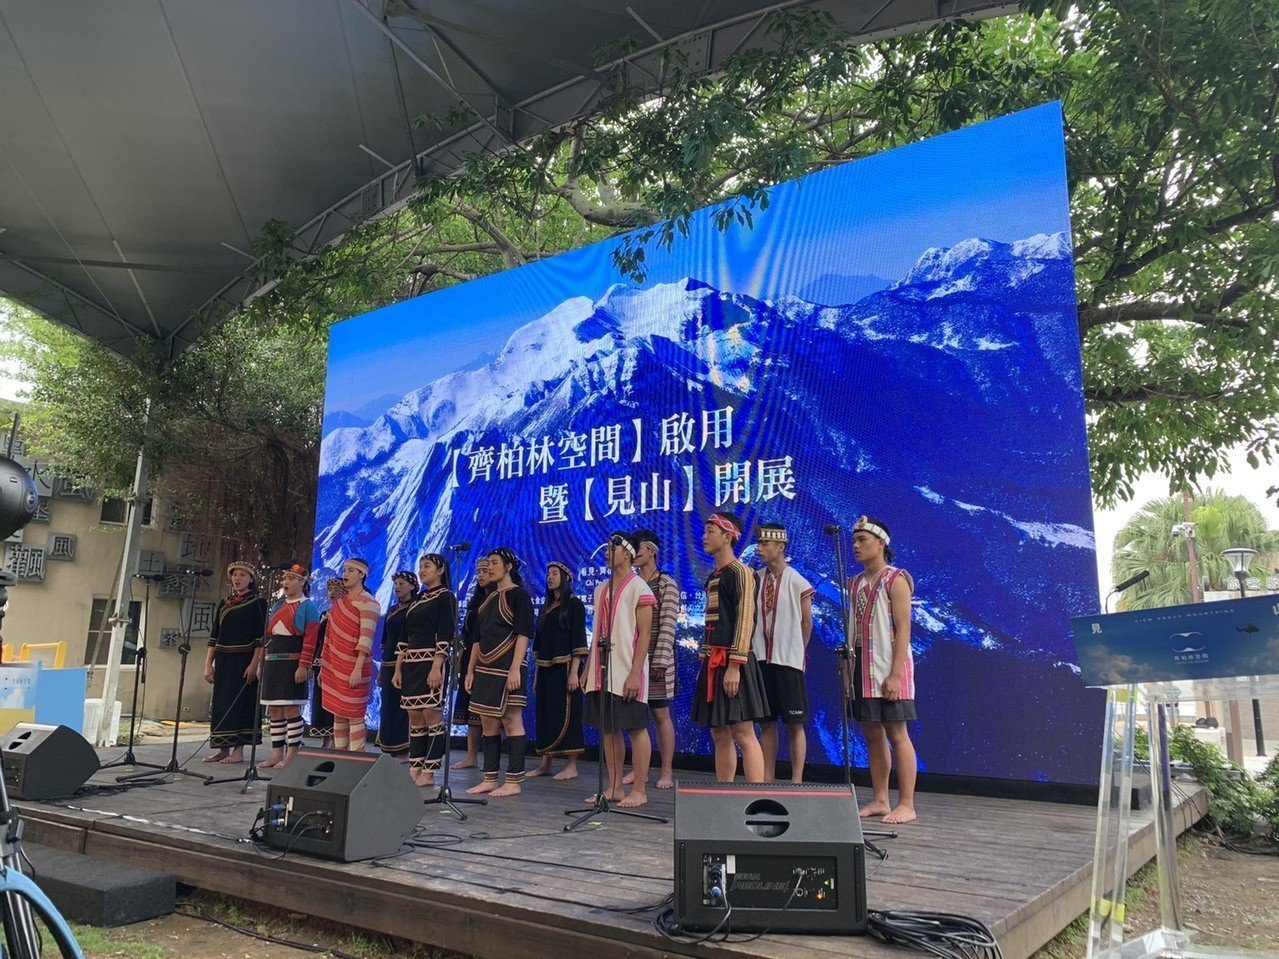 齊柏林導演記錄台灣環境,引起各界迴響。 圖/聯合報系資料照片